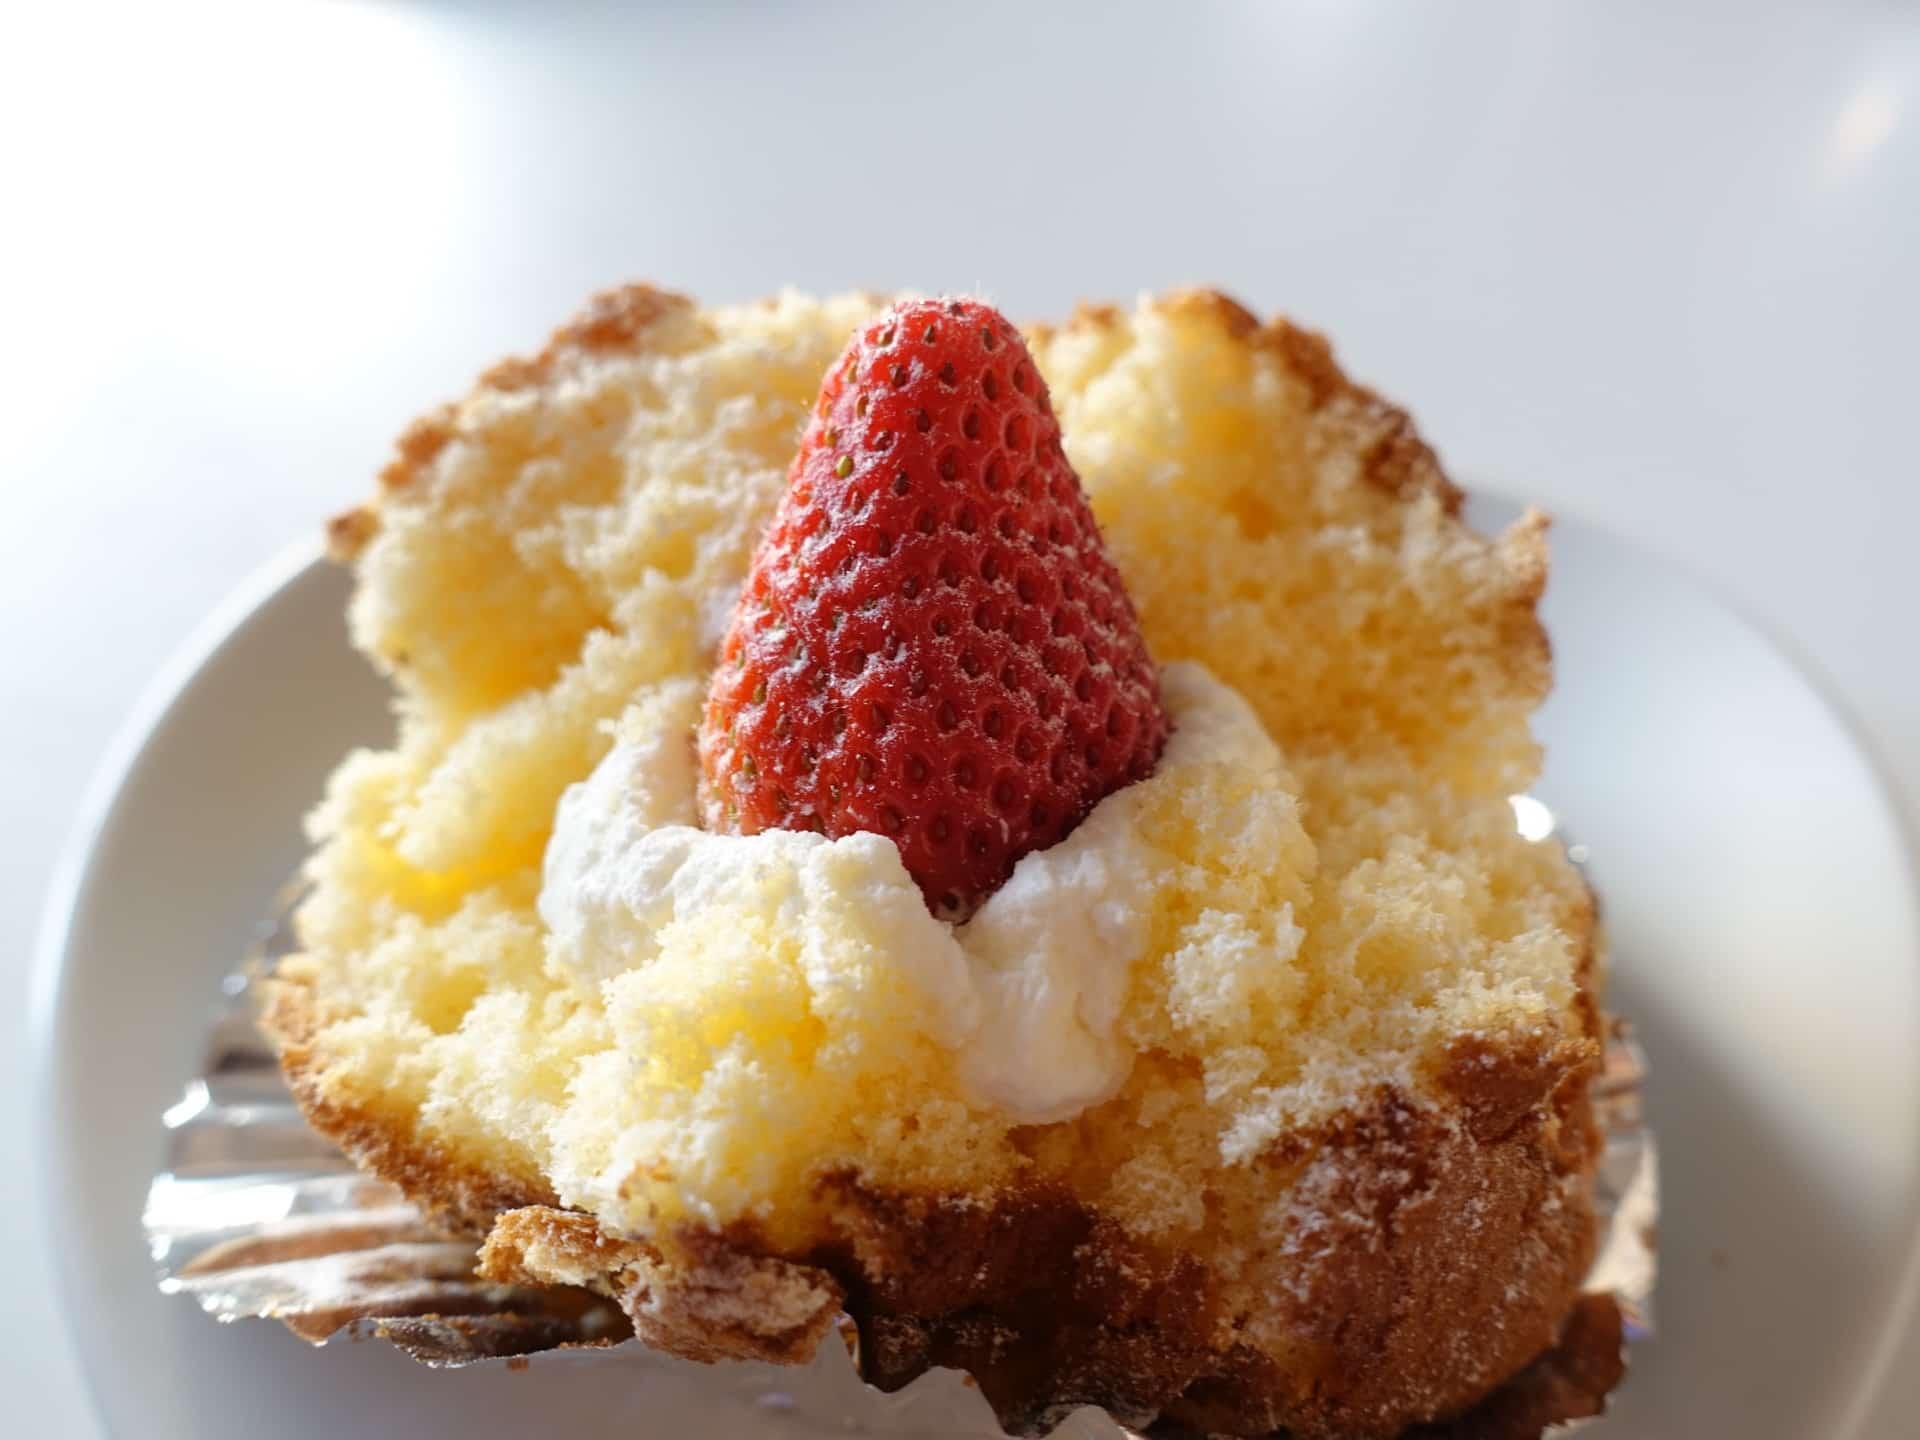 ママのえらんだ元町ケーキ − 大人気のざくろは神戸限定スイーツ!ラムケーキも大人の味わいでおすすめ。大丸神戸店でも買えるよ